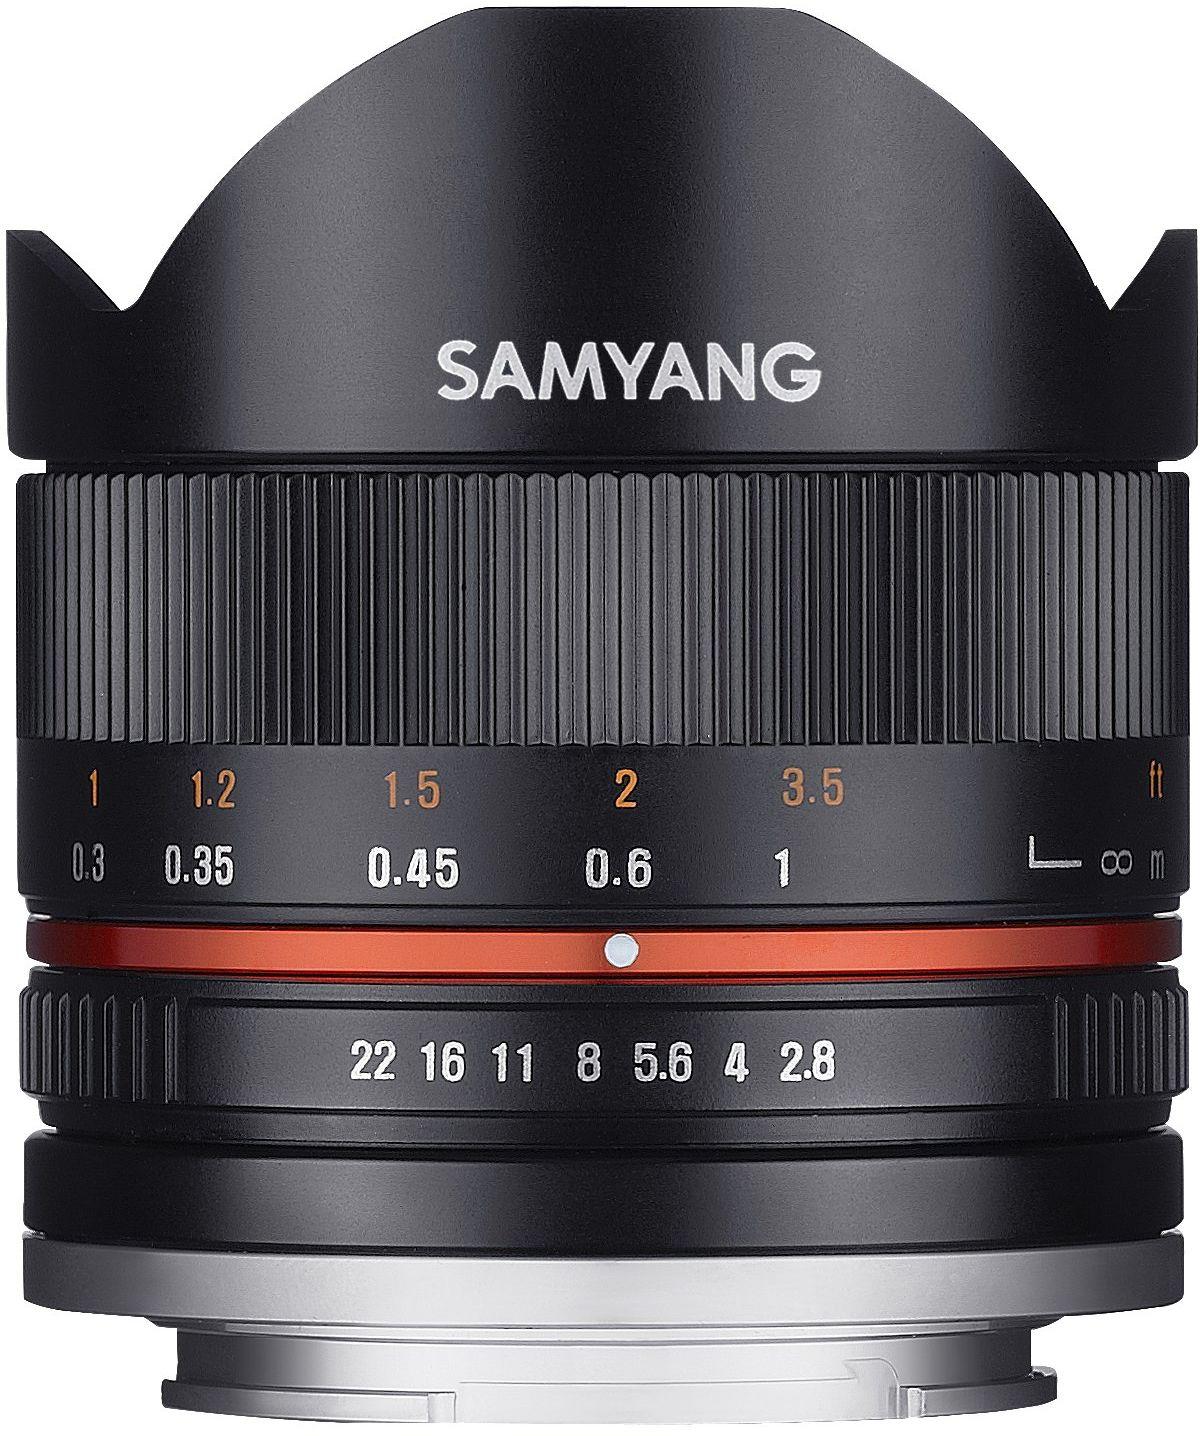 Samyang 8 mm F2.8 II rybie oko ręczna soczewka ostrości do Sony-E - czarna